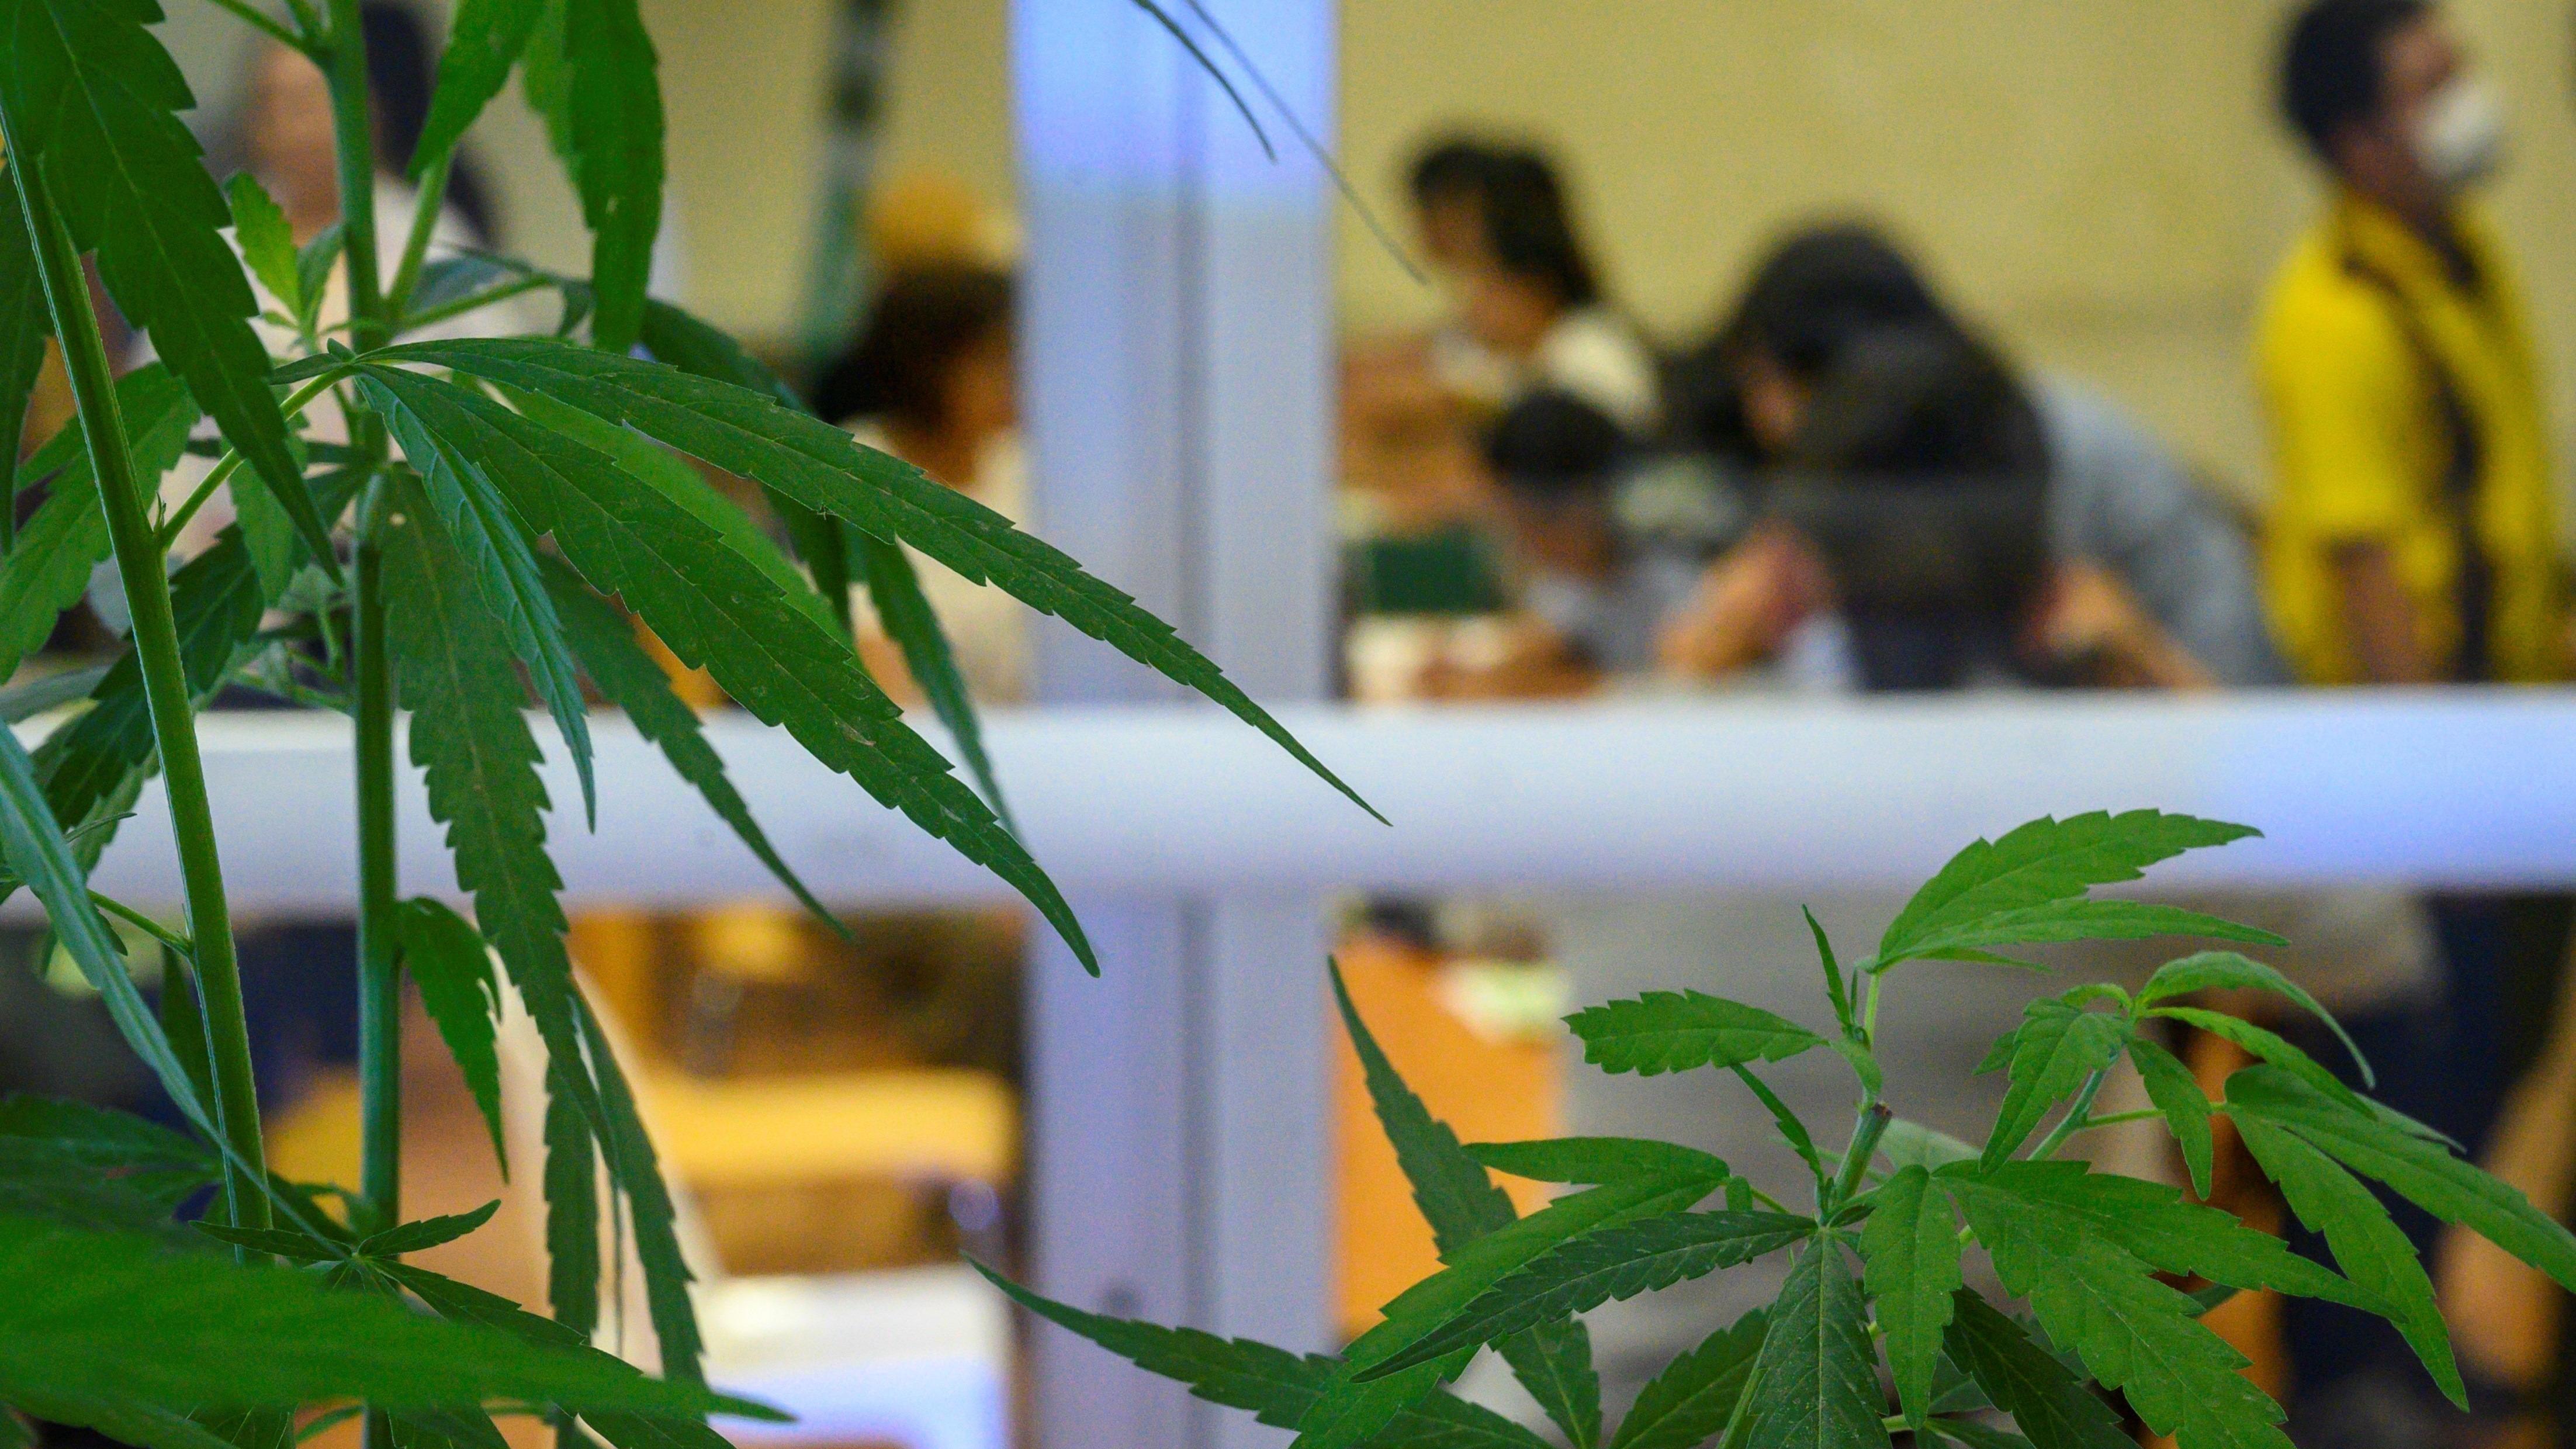 Tailandia es el primer país de Asia en lanzarse en un mercado de cannabis dominado por Canadá, Australia e Israel.